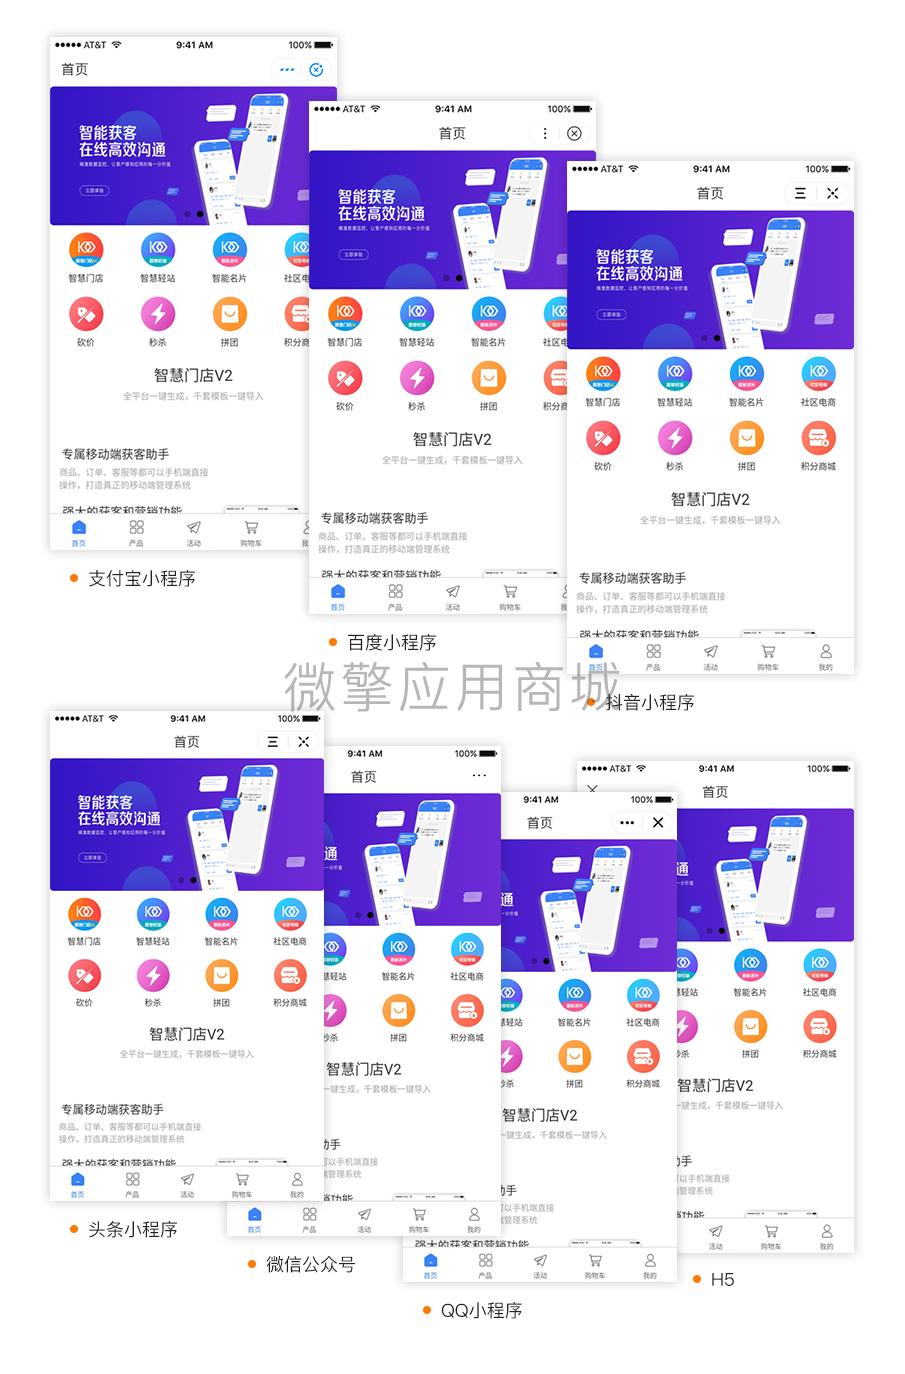 壹佰智慧商城01修_04.png